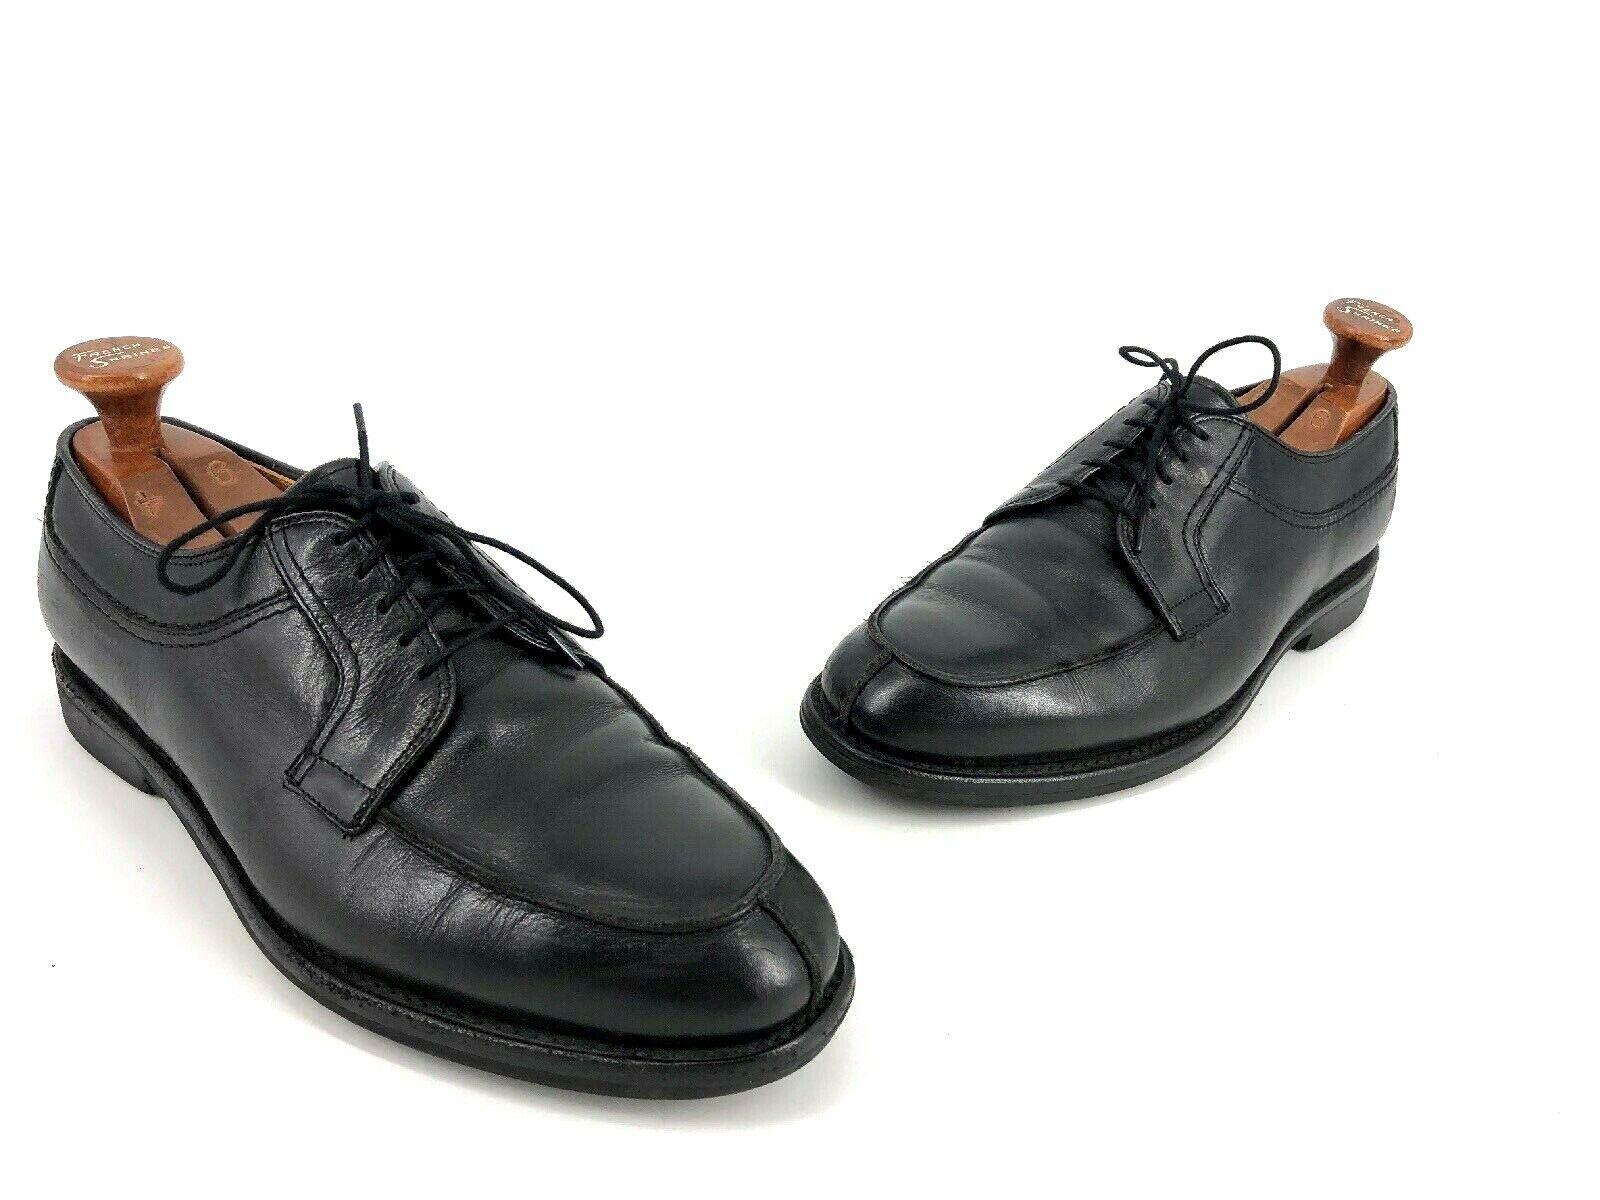 Allen Edmonds Stockbridge Black shoes Oxford Lace Up Dress 9 D (Bin F3)